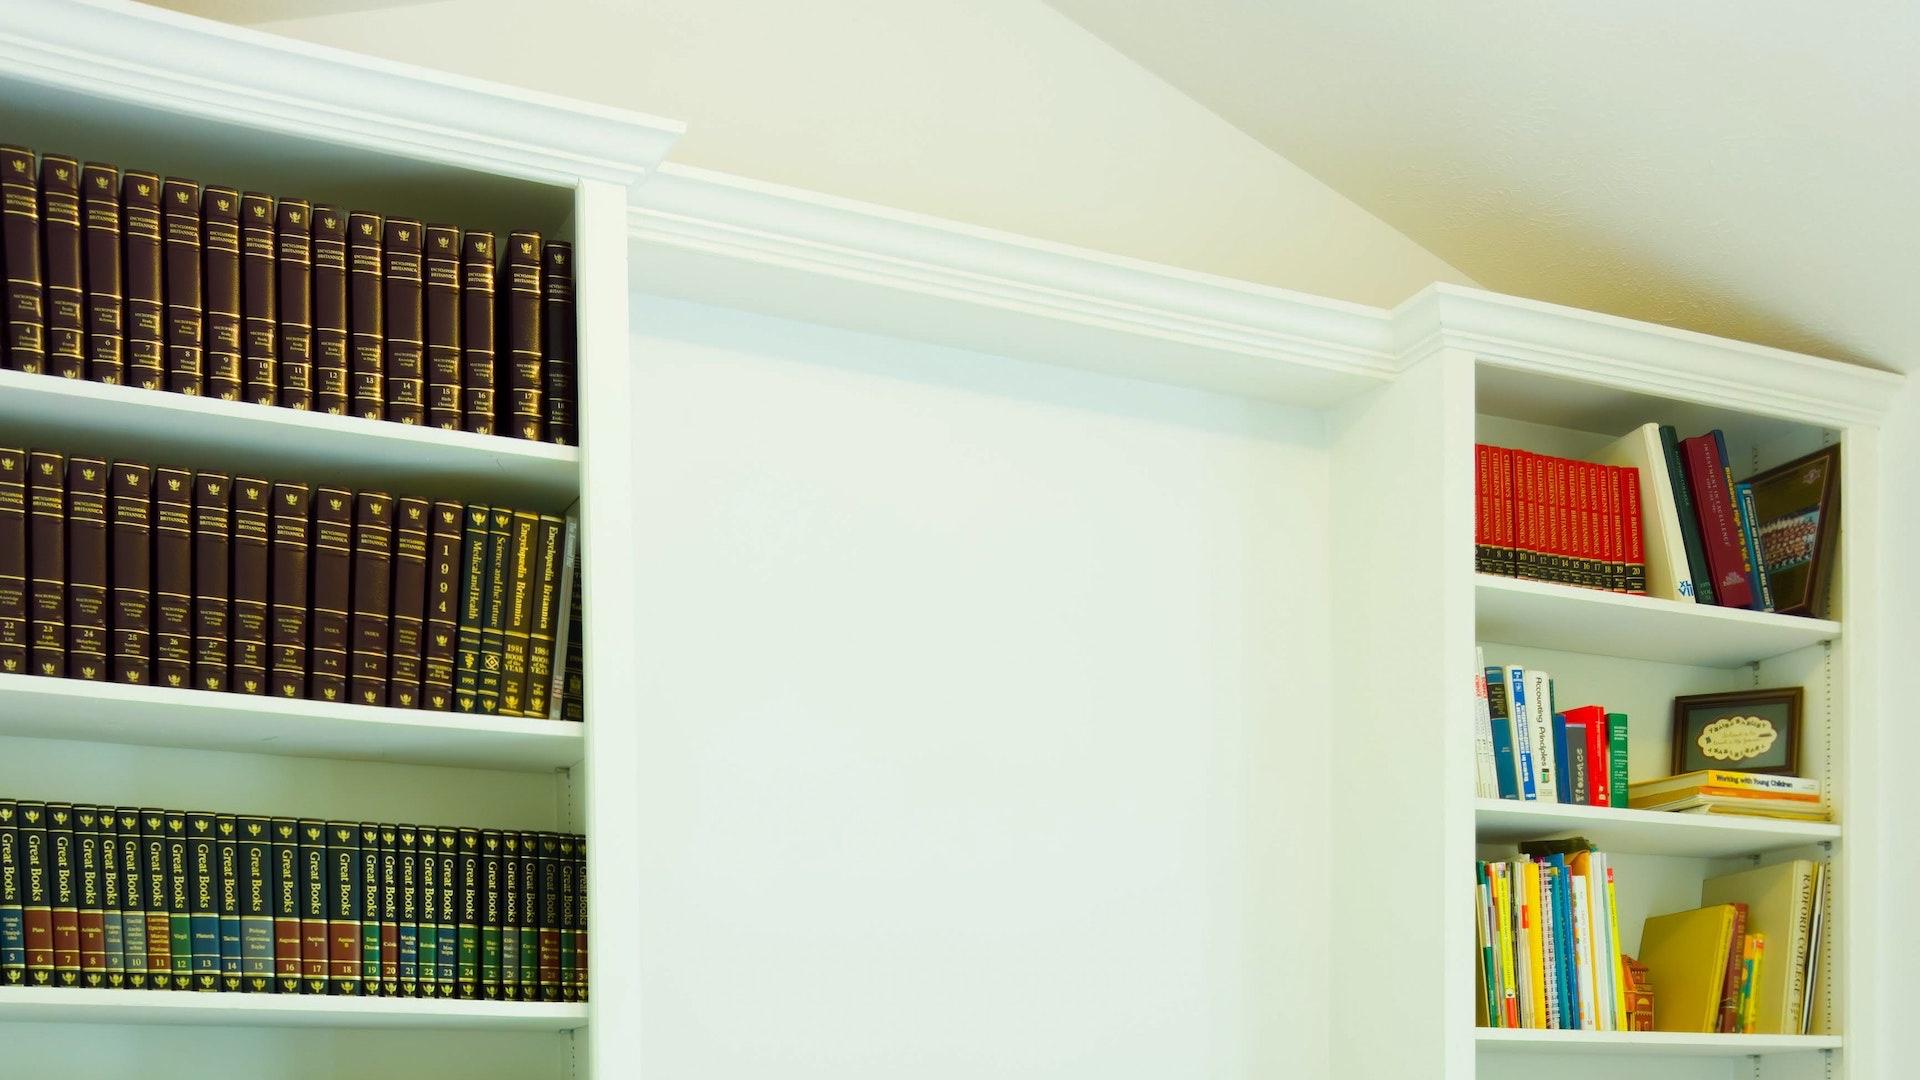 白い本棚と洋書の無料バーチャル背景素材